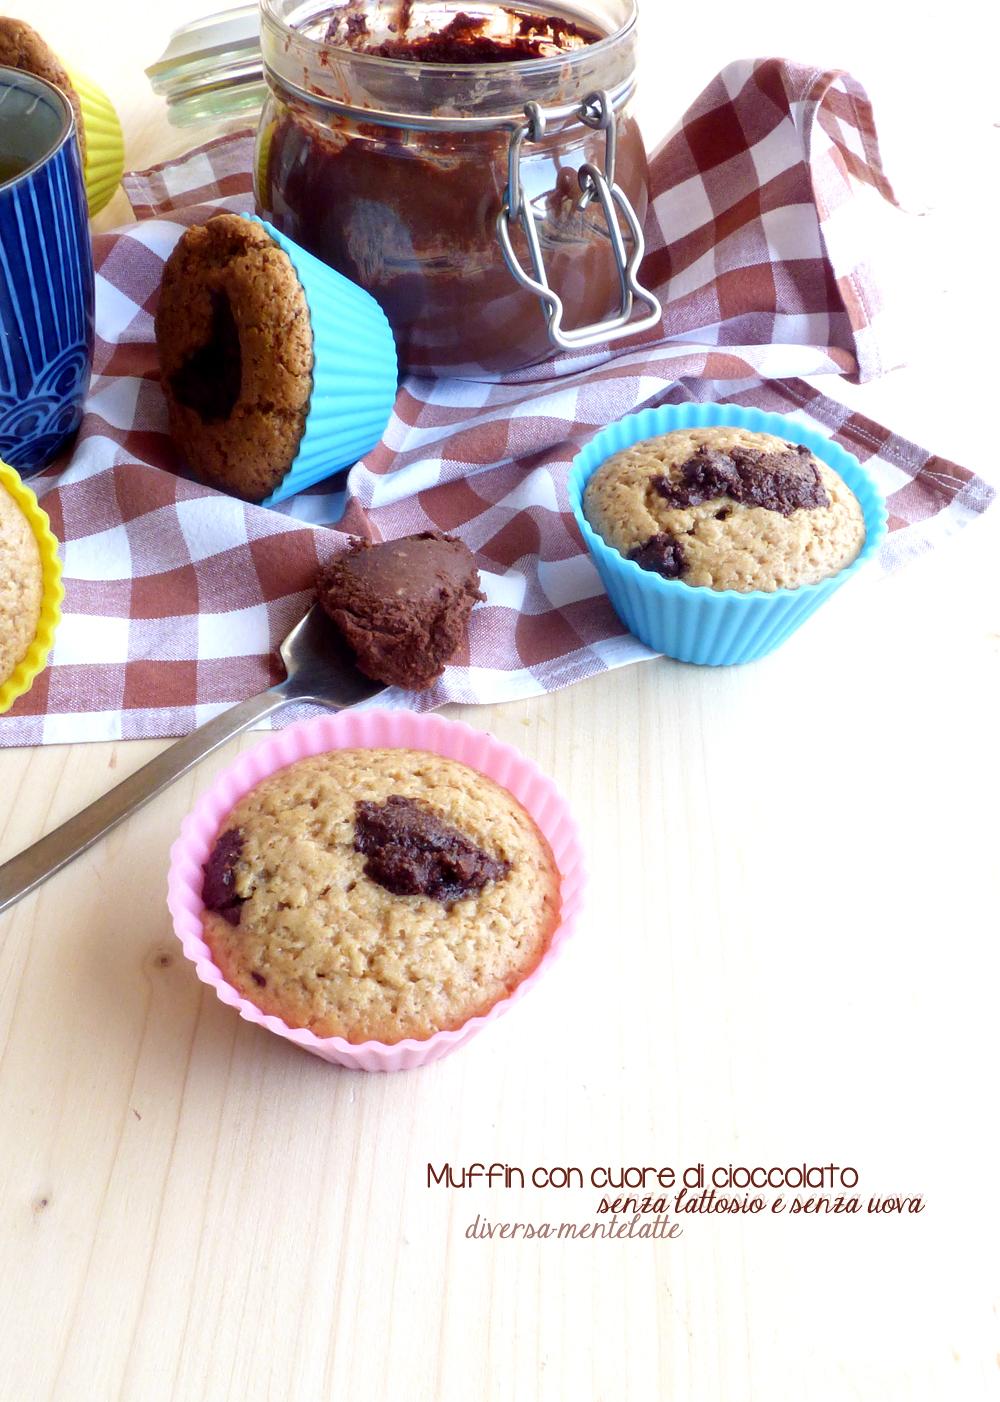 muffin con cioccolato lactosefree